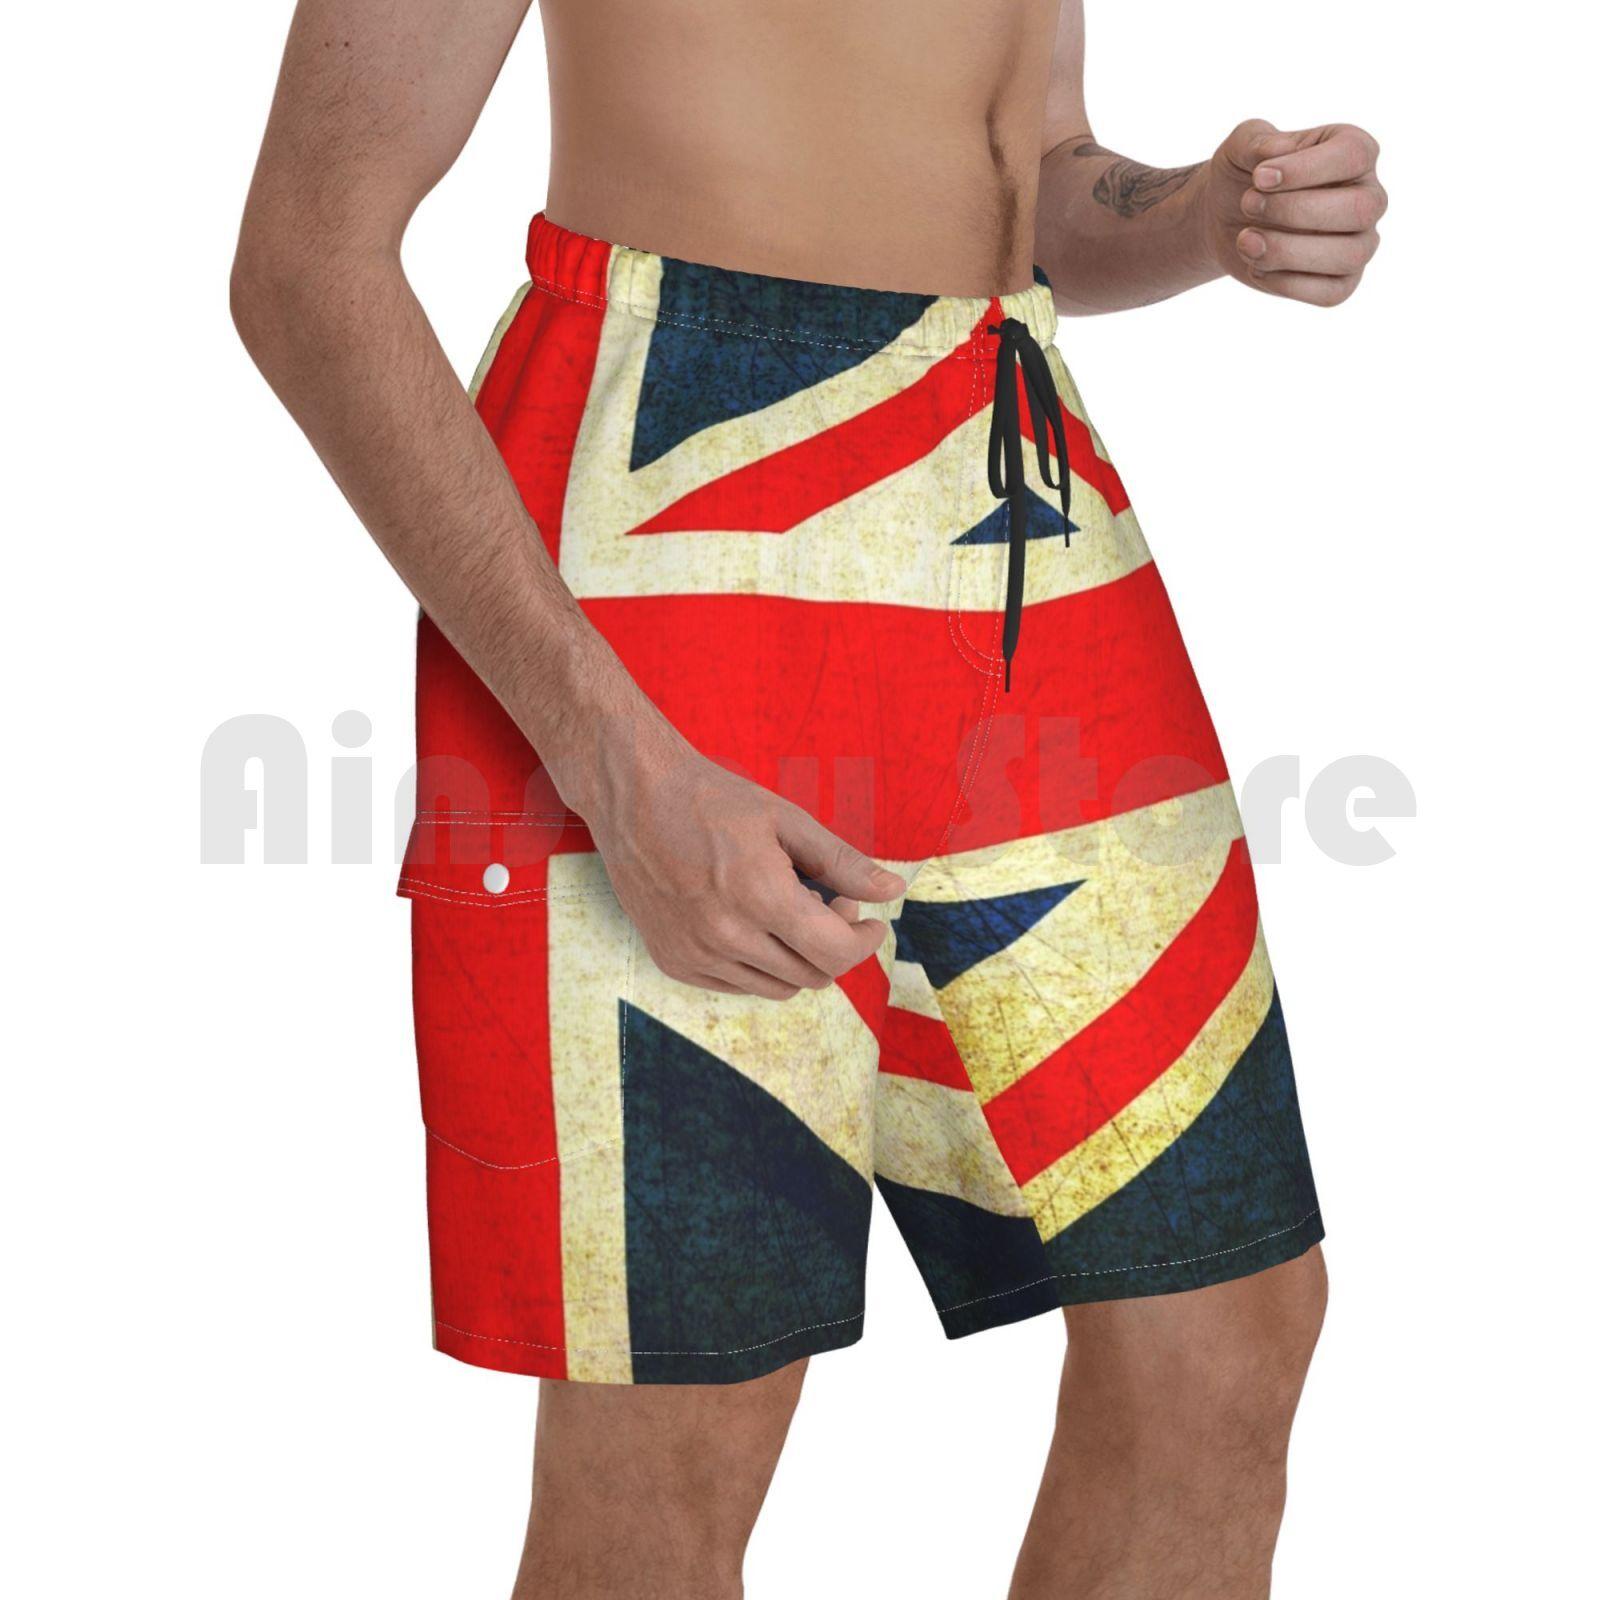 Grunge Effect Union Jack Beach Shorts Men Beach Pants Swimwear Union Jack British Flag Uk England British Expat